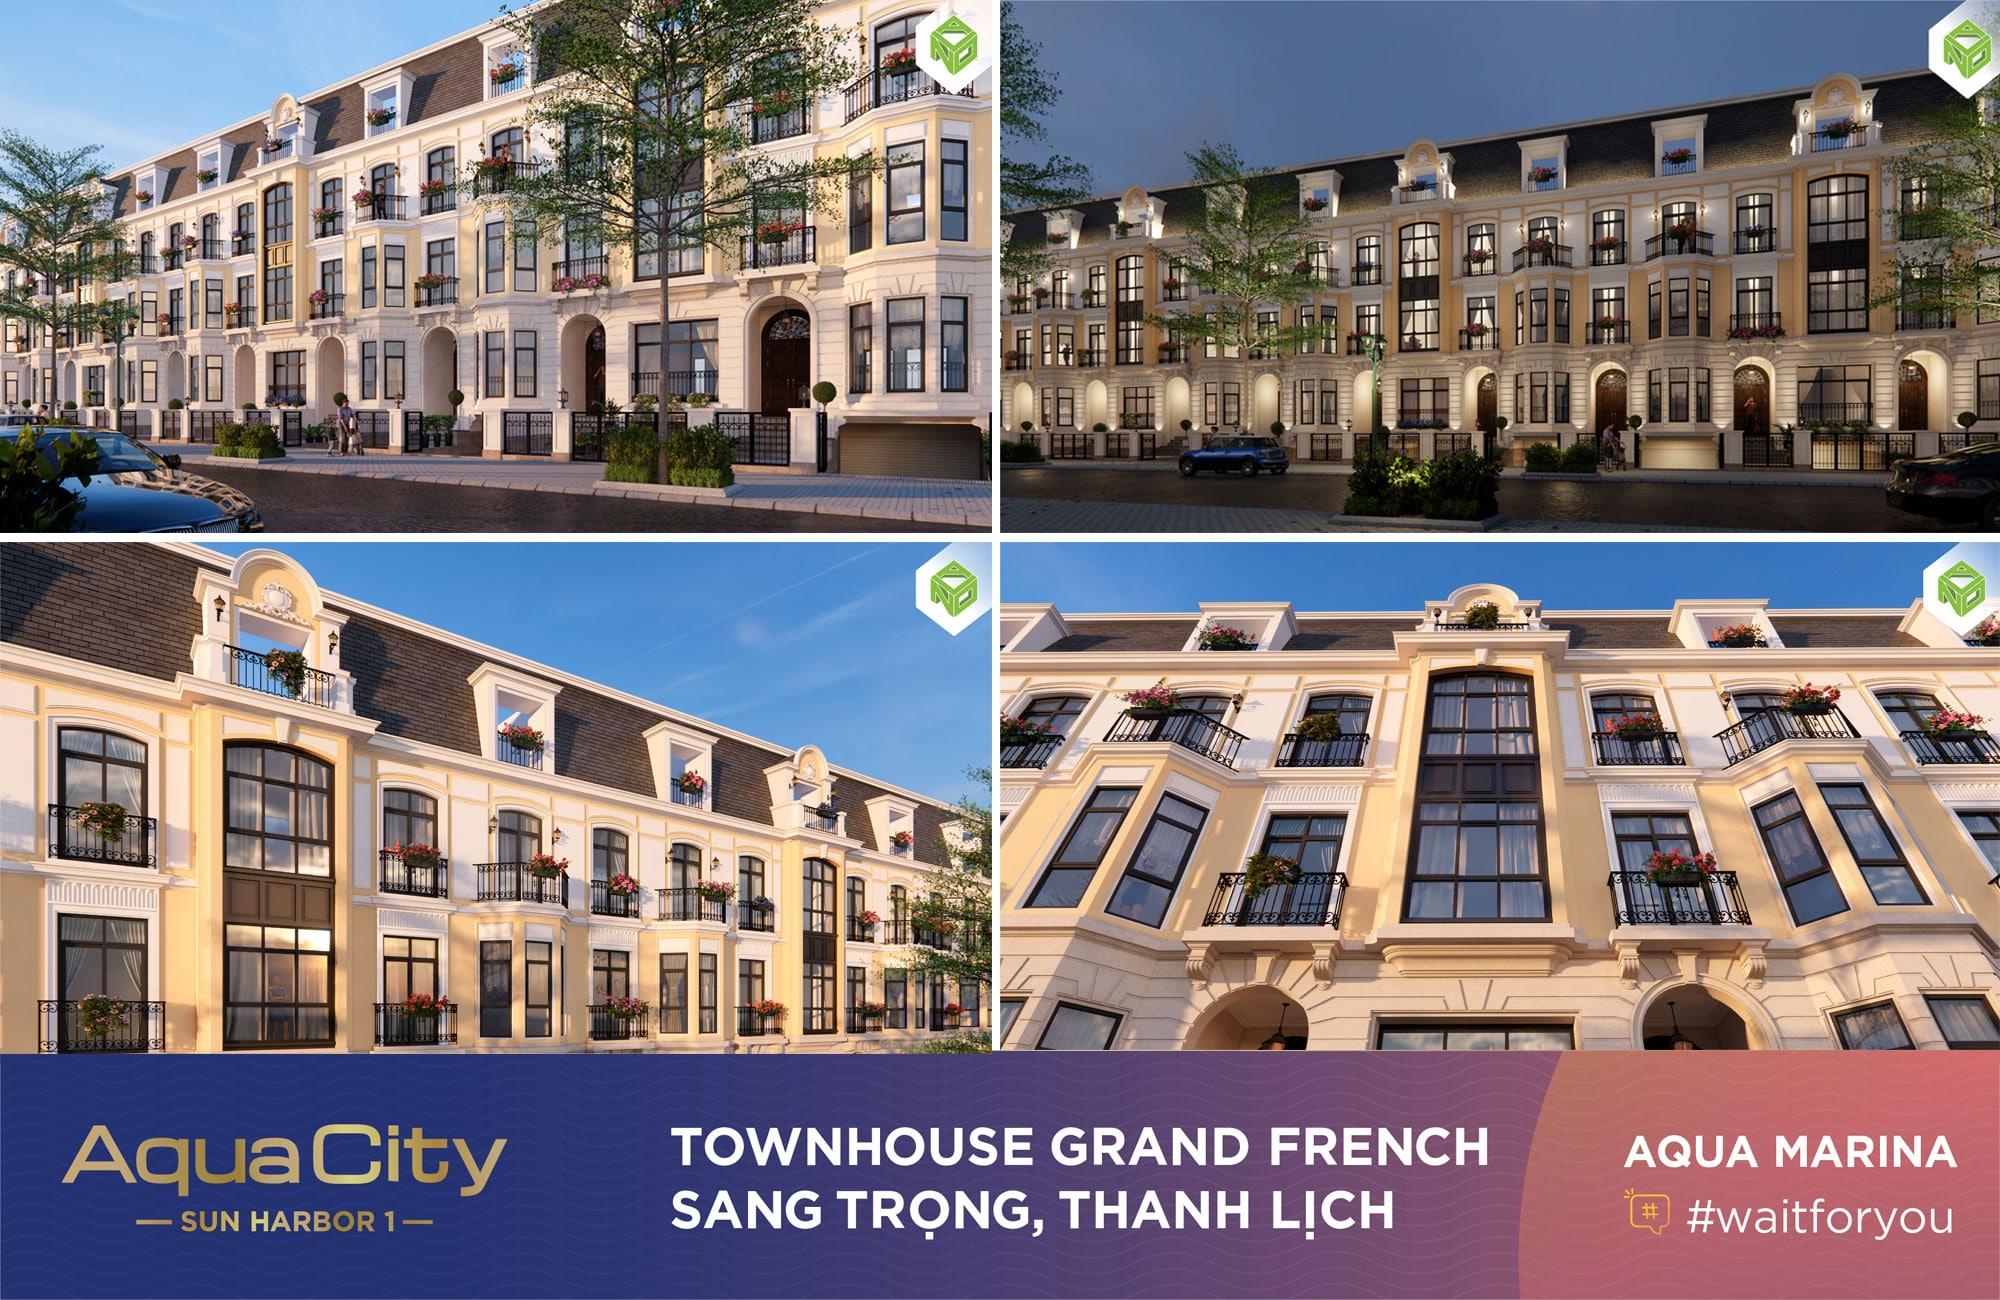 Townhouse Grand Frech Aqua Marina Aqua City